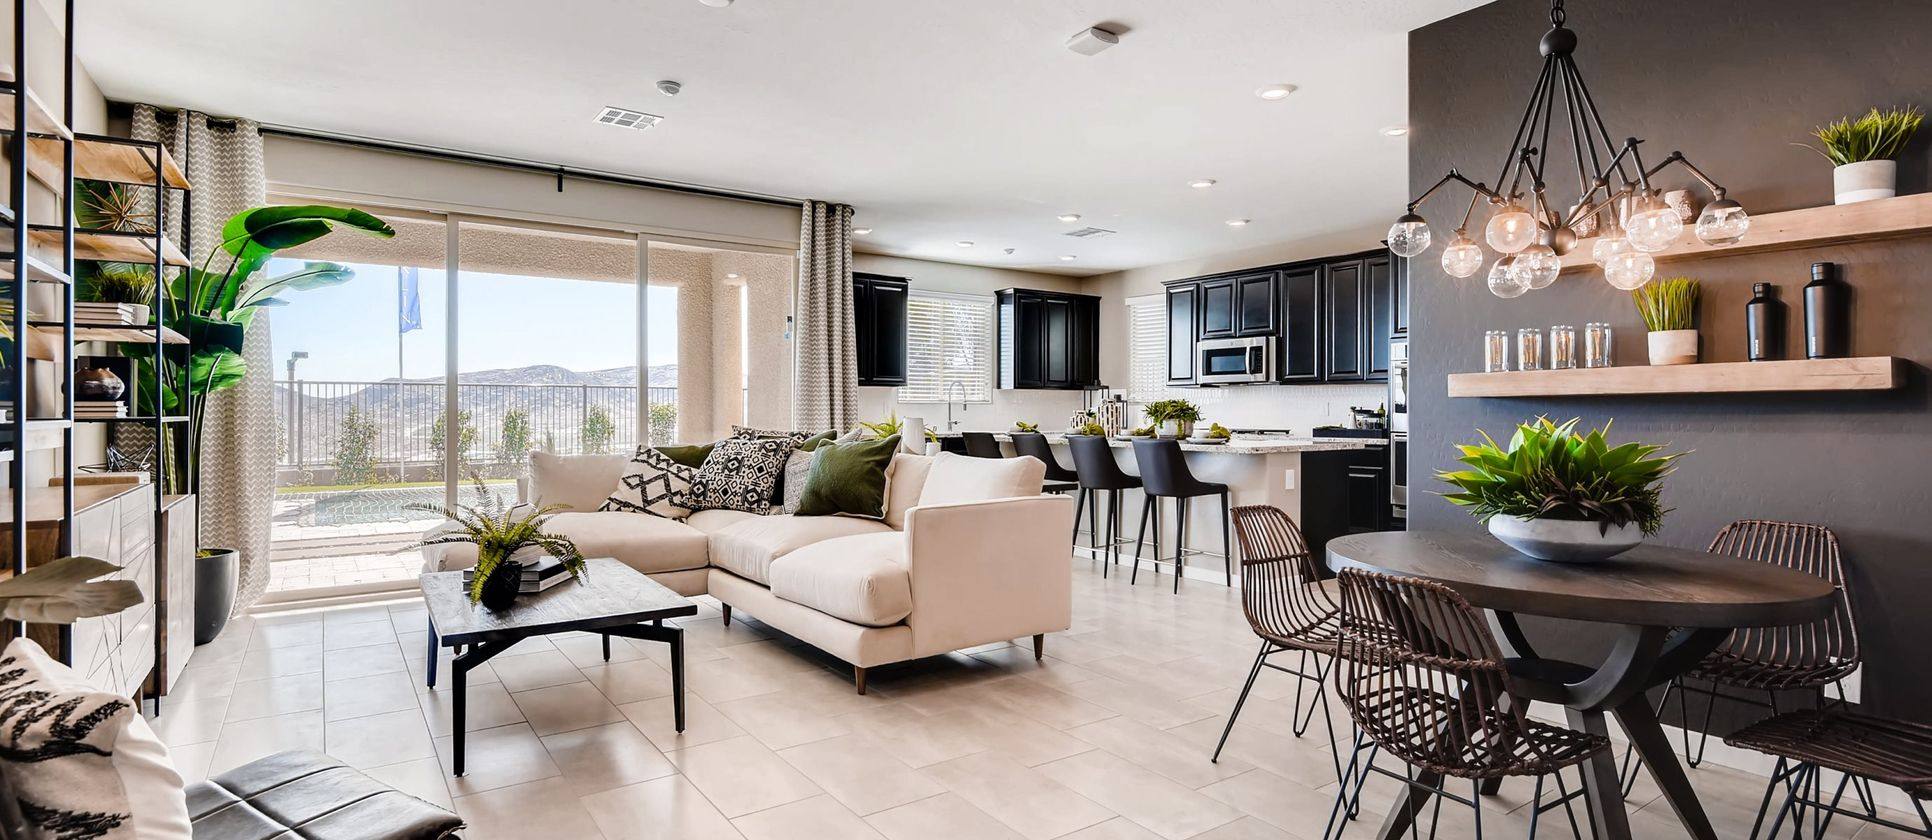 Summerlin Westcott Lynn Living Room